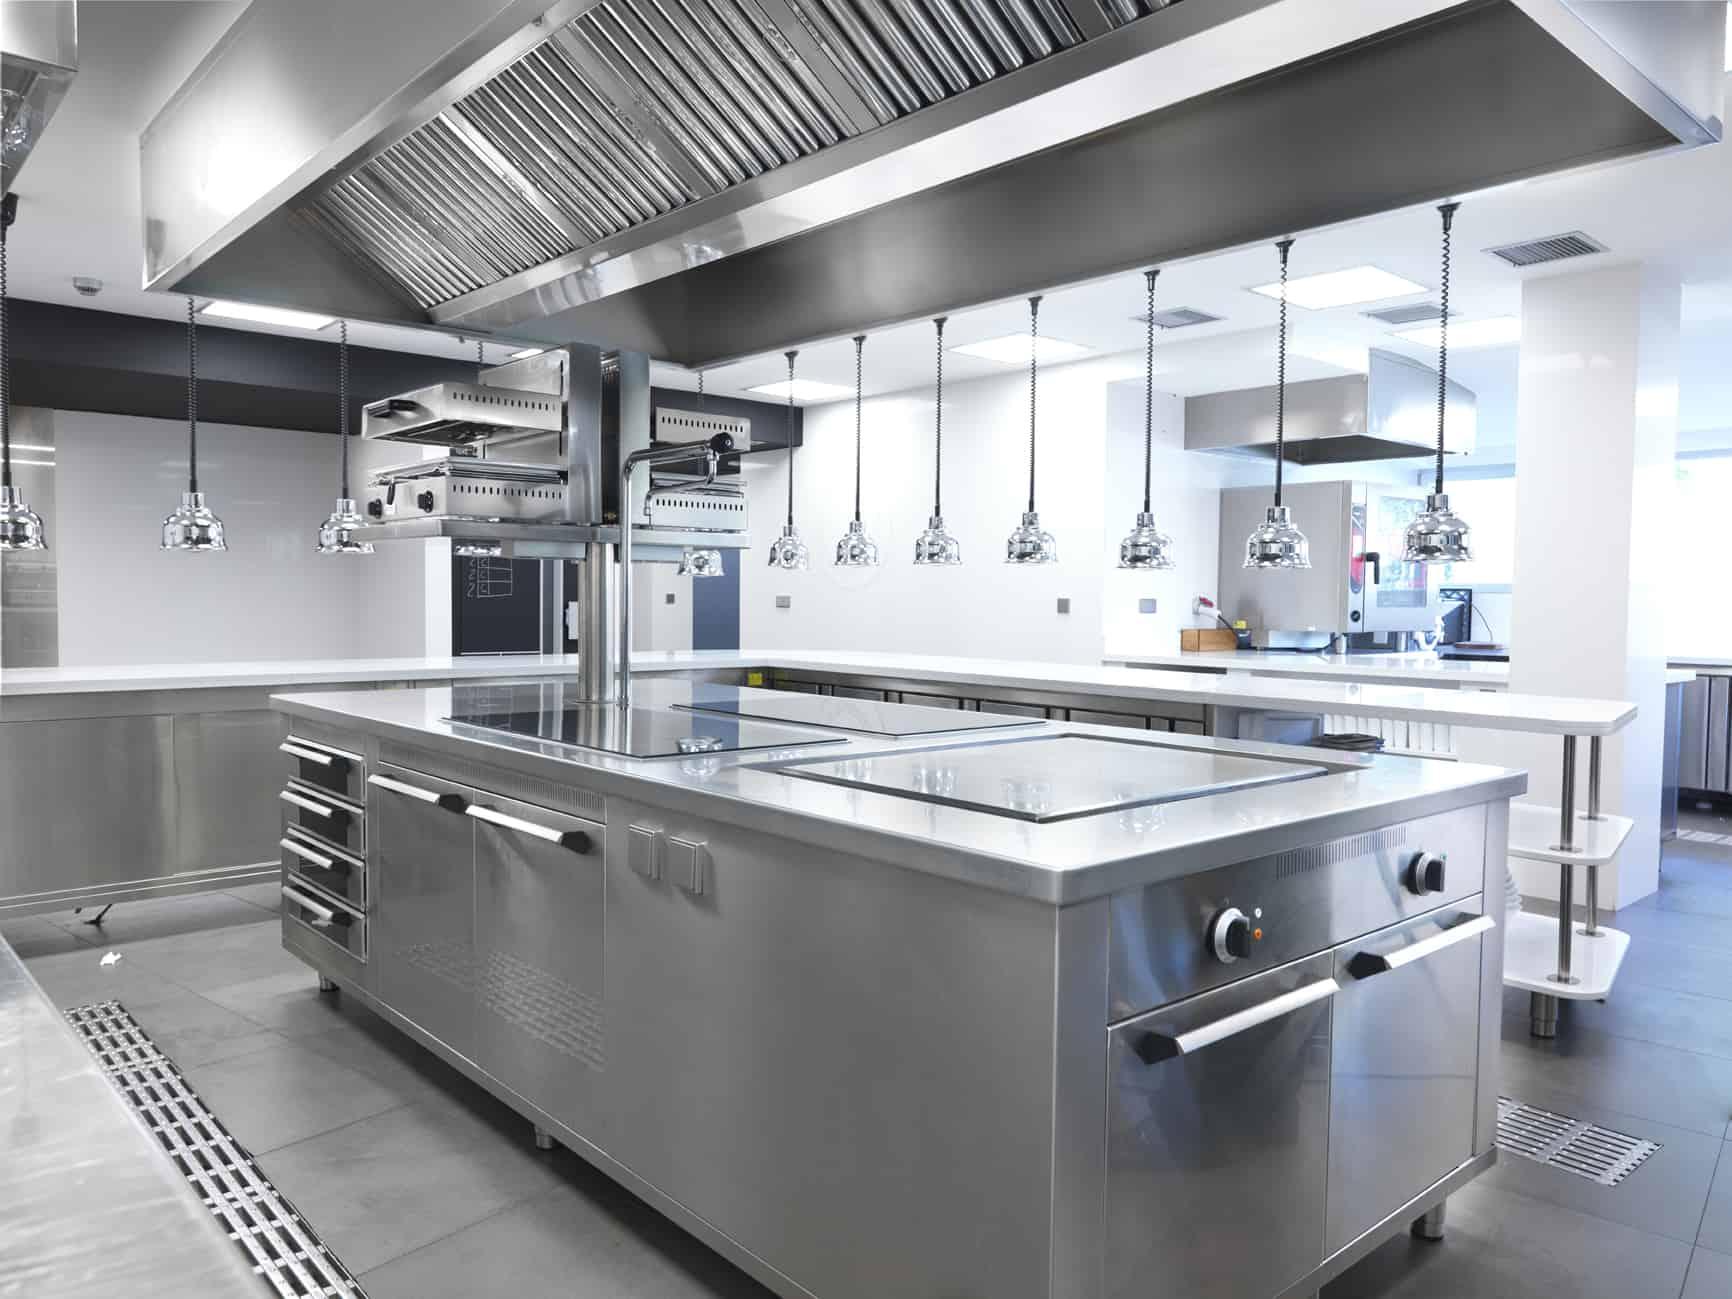 Extinci n autom tica de incendios en cocinas blog de prefire for Mobiliario cocina restaurante